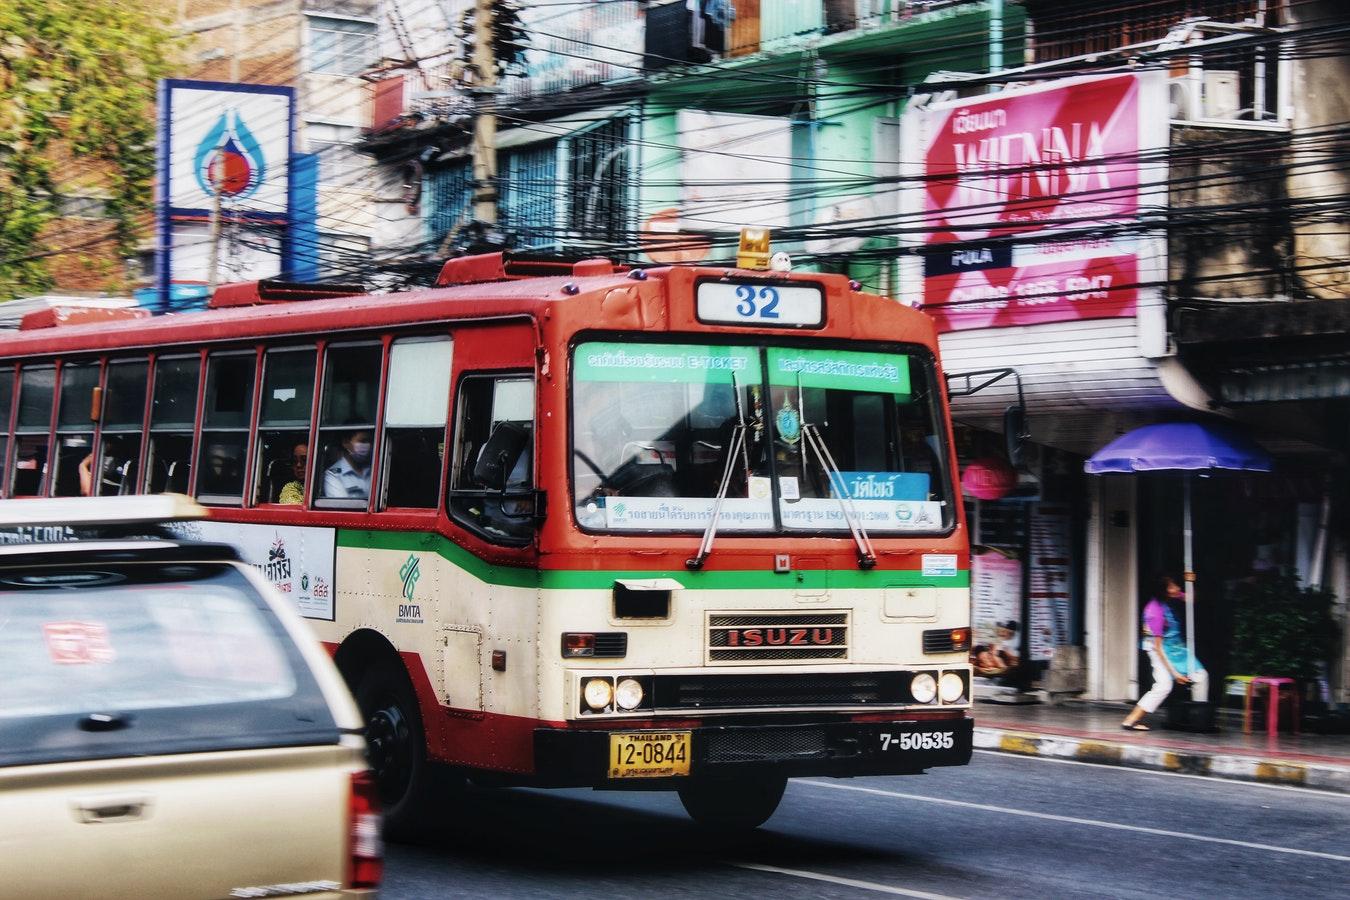 ขสมก. ขึ้นค่ารถเมล์ ขึ้นค่าโดยสาร รถเมล์ รถโดยสารประจำทาง